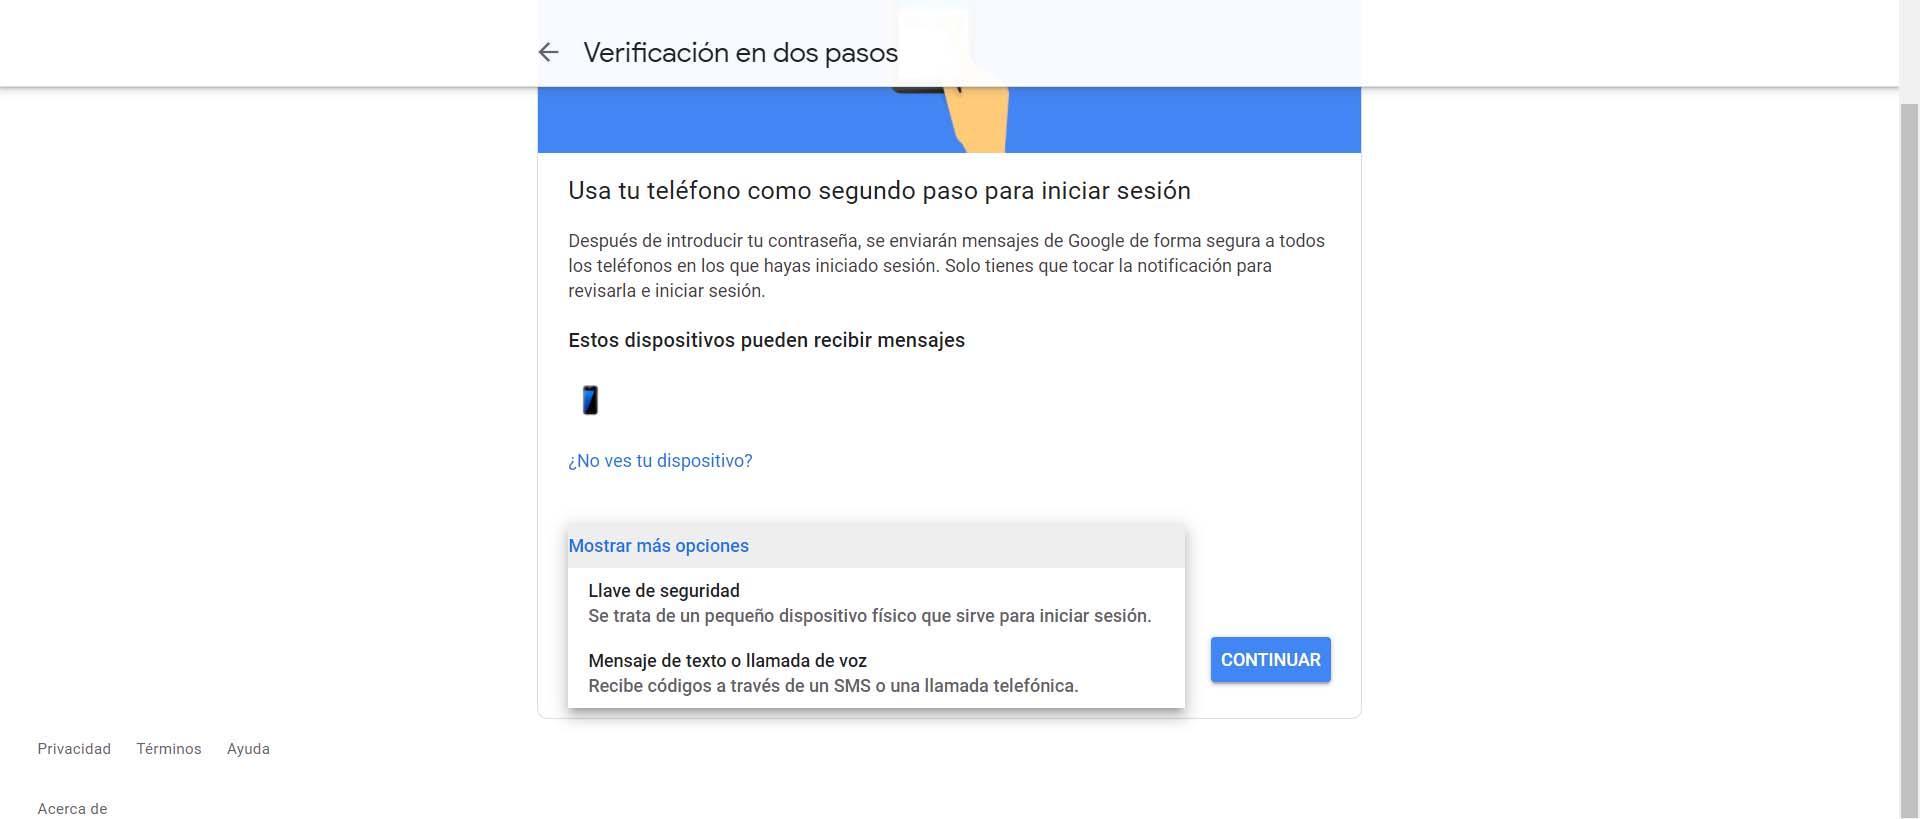 Verificación en dos pasos de Google